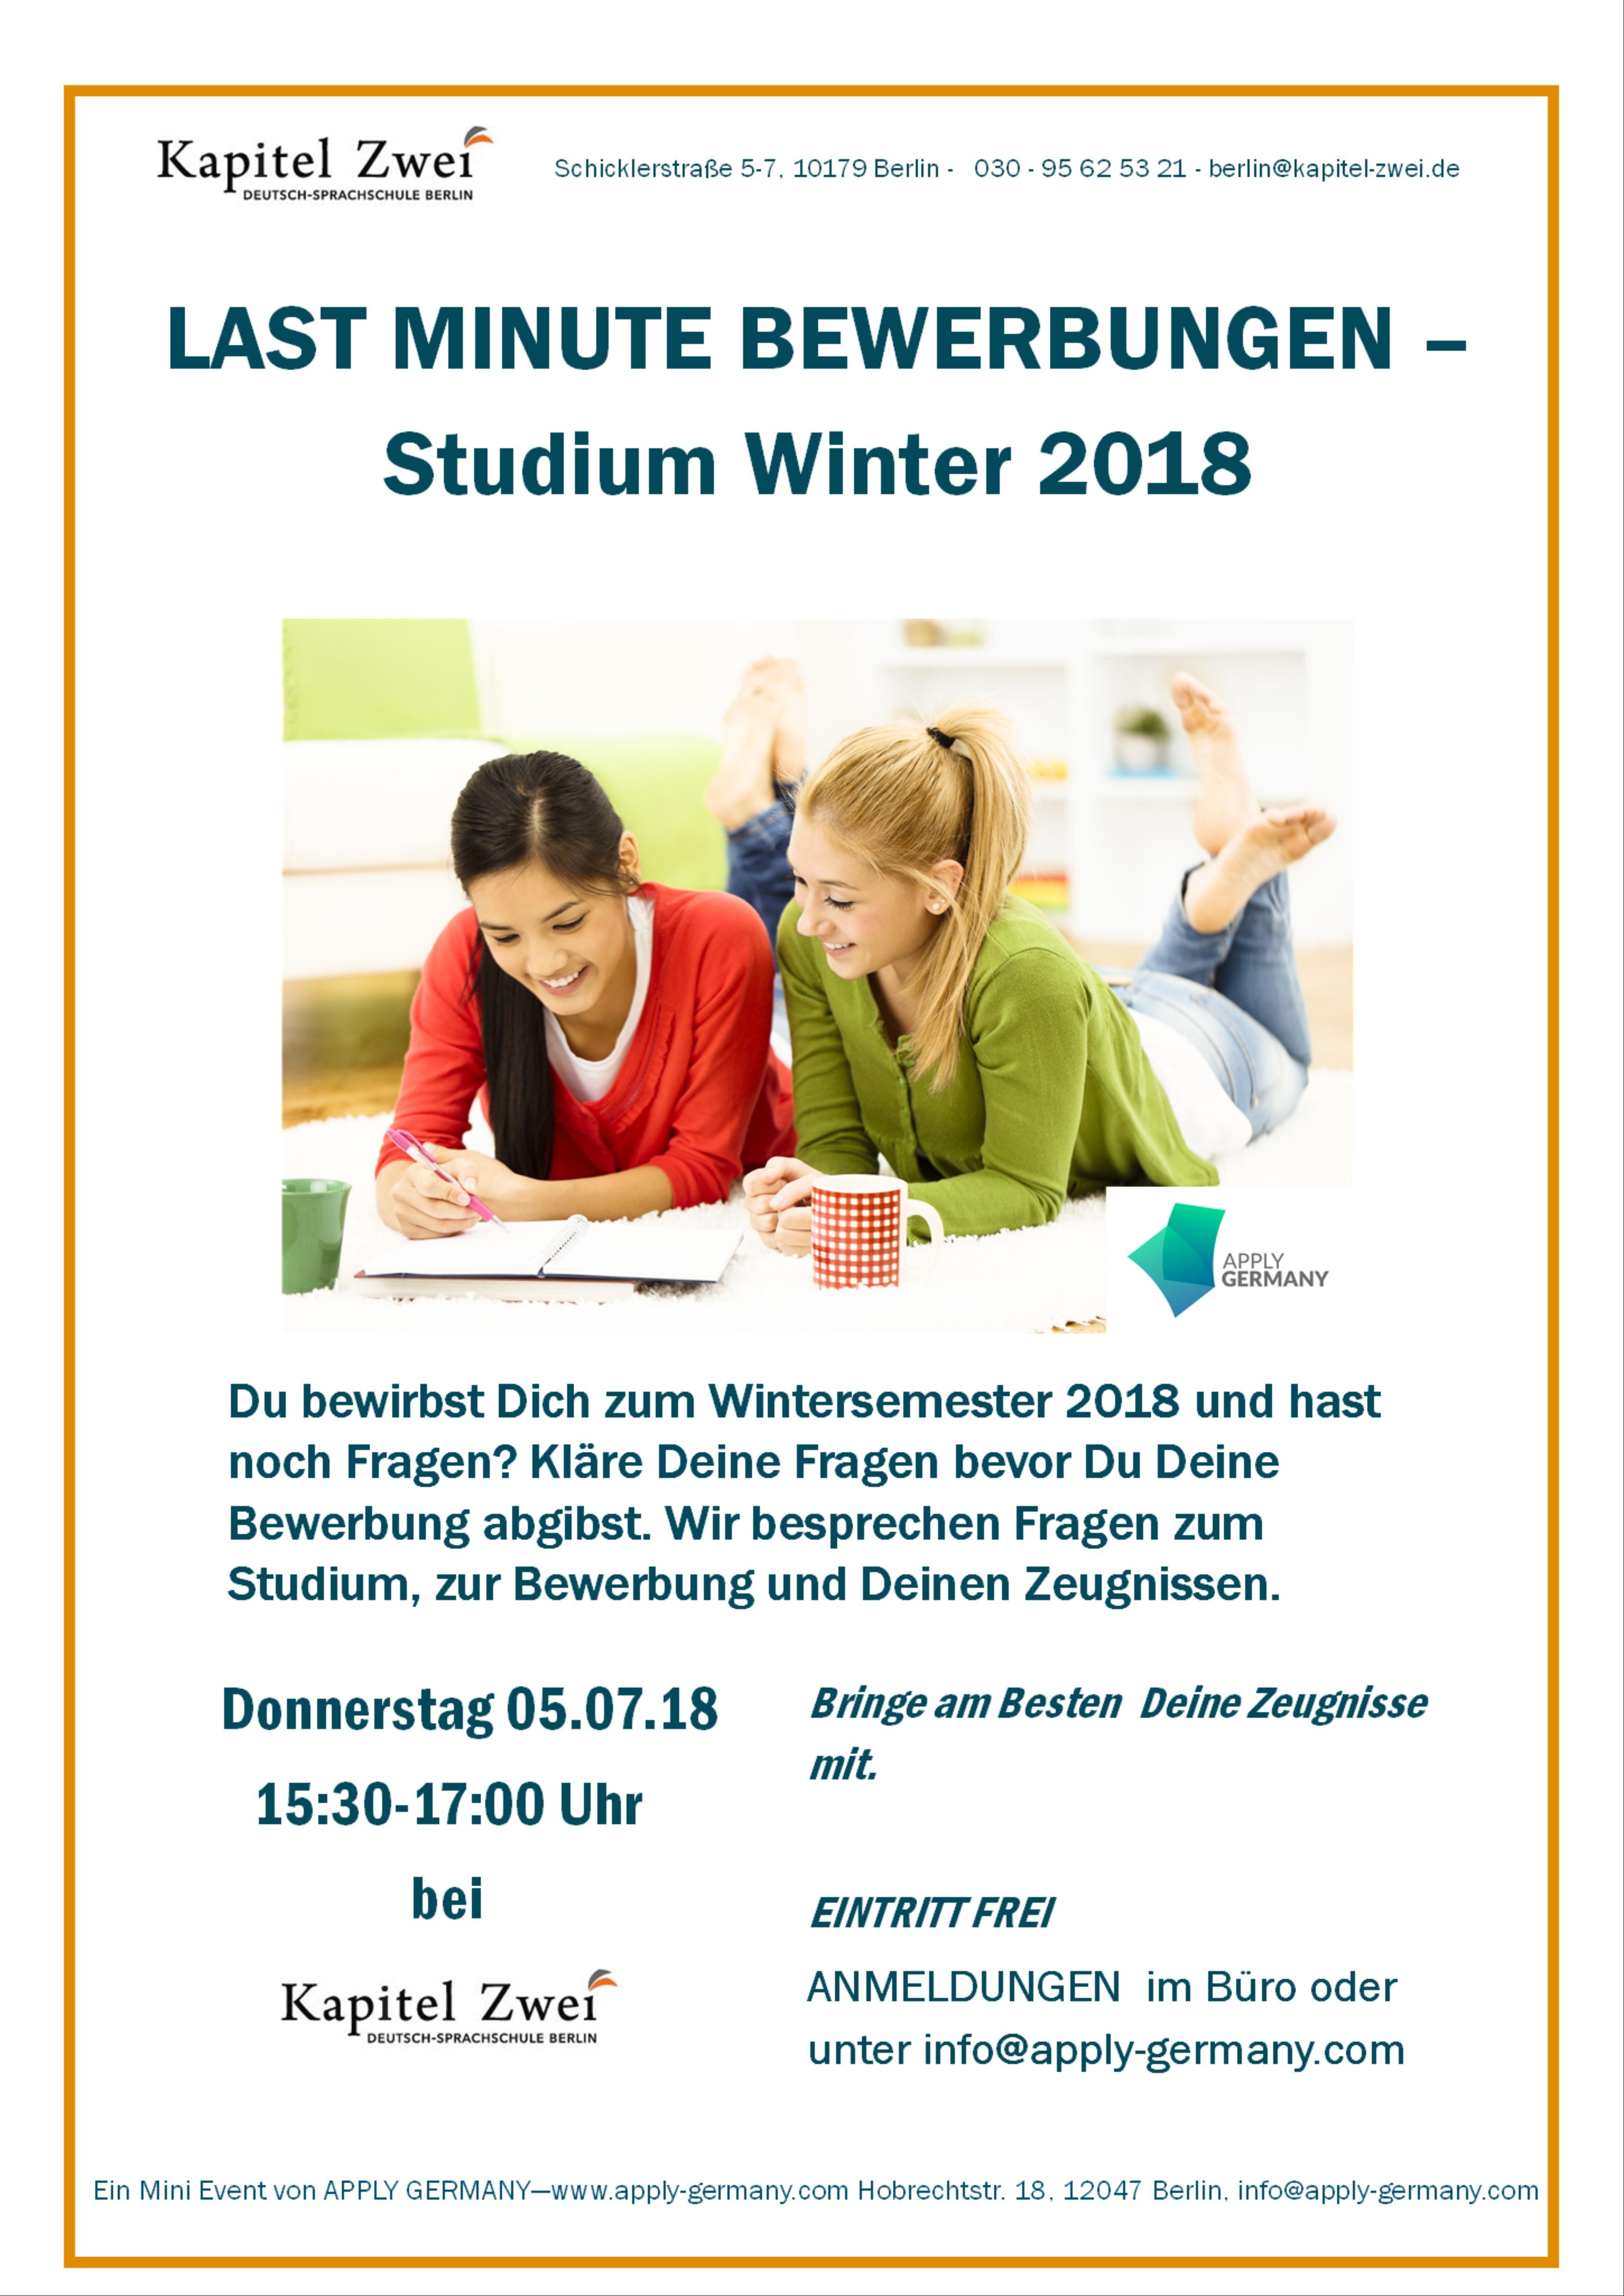 Last Minute Bewerbungen Uni Berlin Sprachschule Deutsch Kapitel Zwei